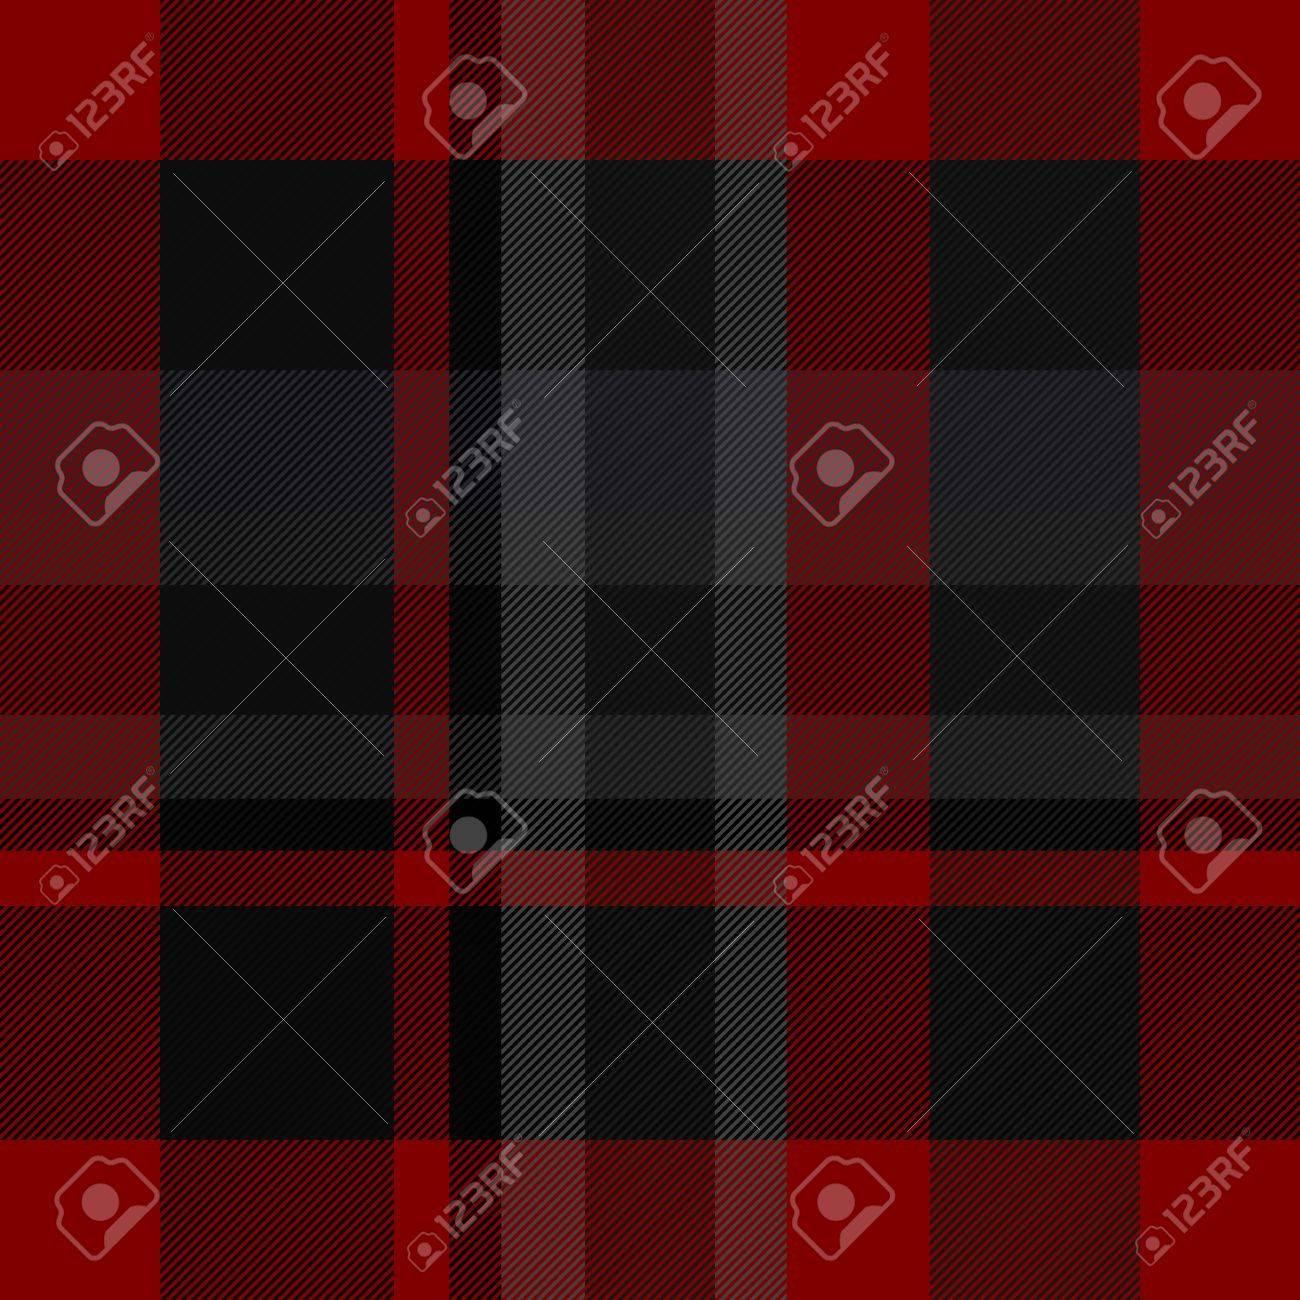 Textil Textura Patron Negro Rojo Gris A Cuadros Abstracto